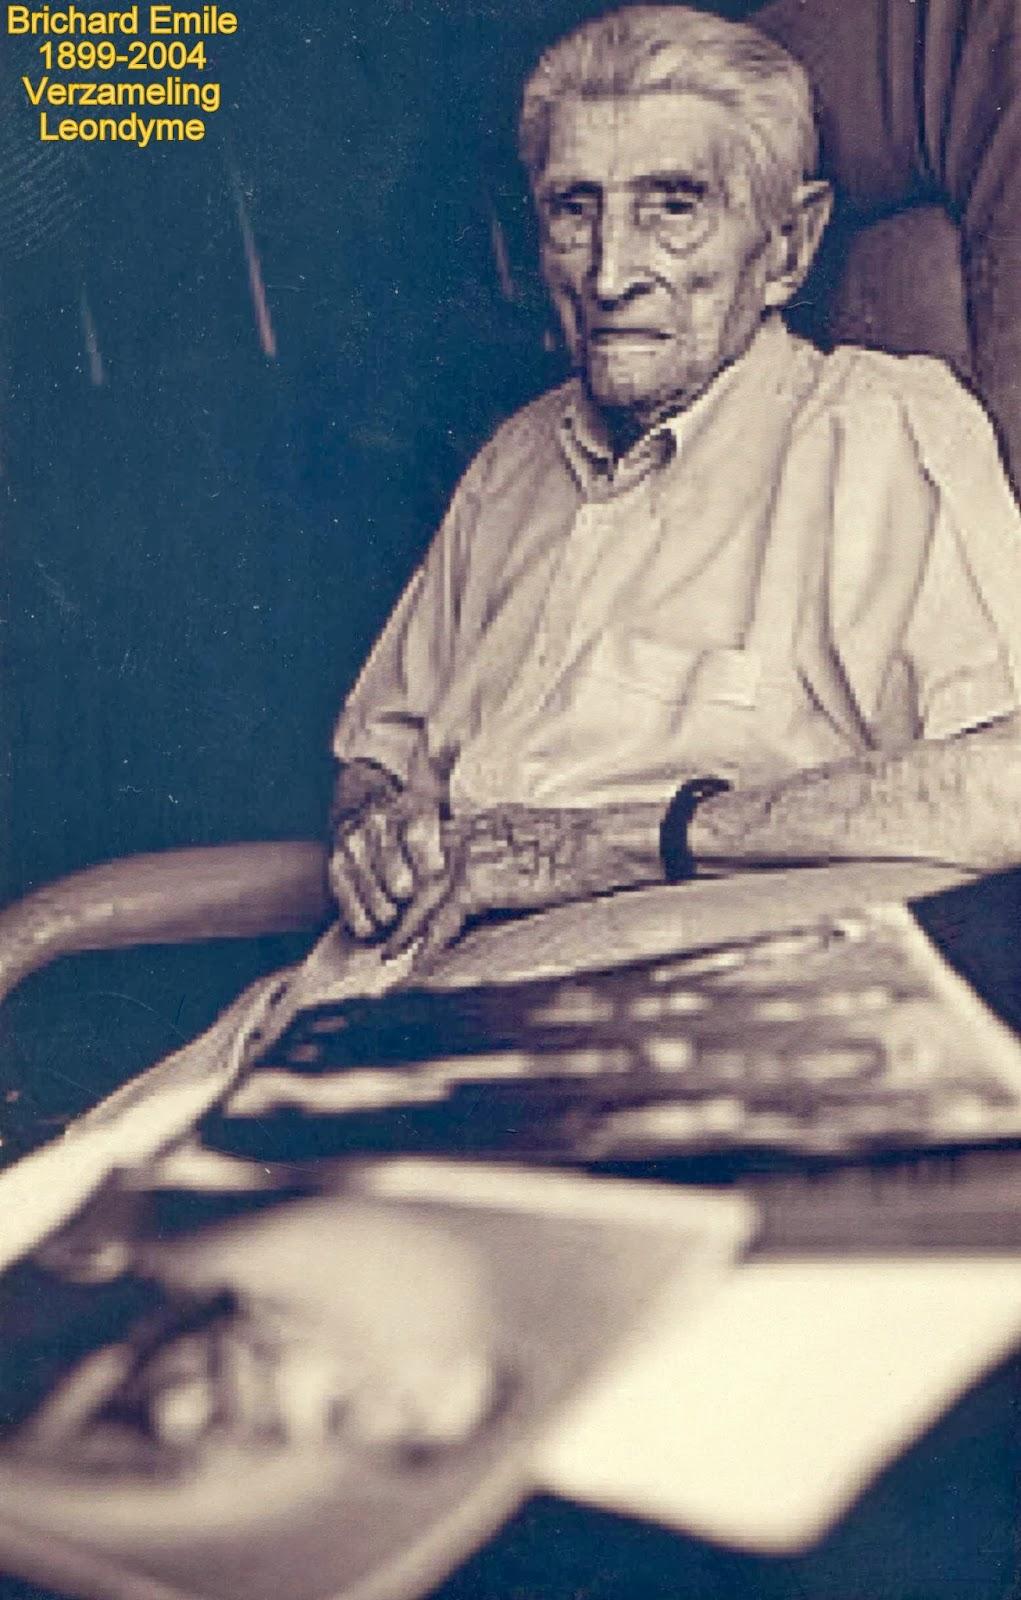 Emile Brichard poserend bij de geschreven persartikels over zijn vergeten tourprestaties. Verzameling Leondyme